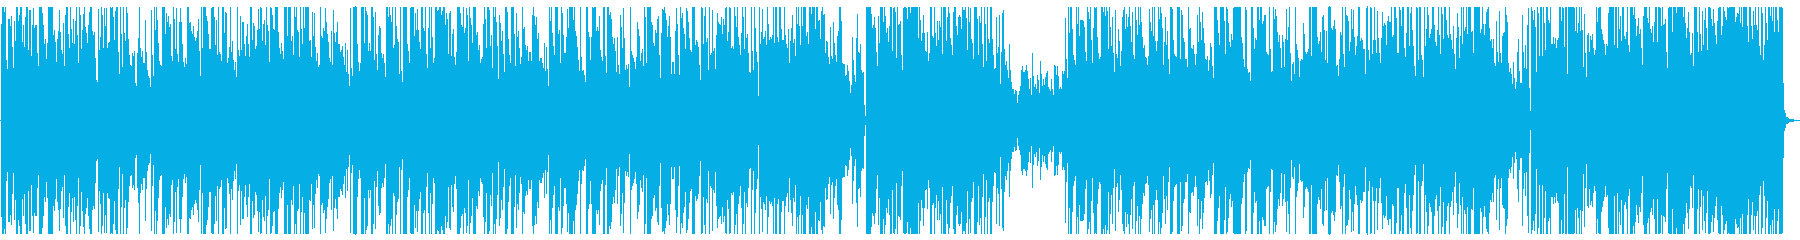 フュージョン ジャズ 室内楽 モダ...の再生済みの波形